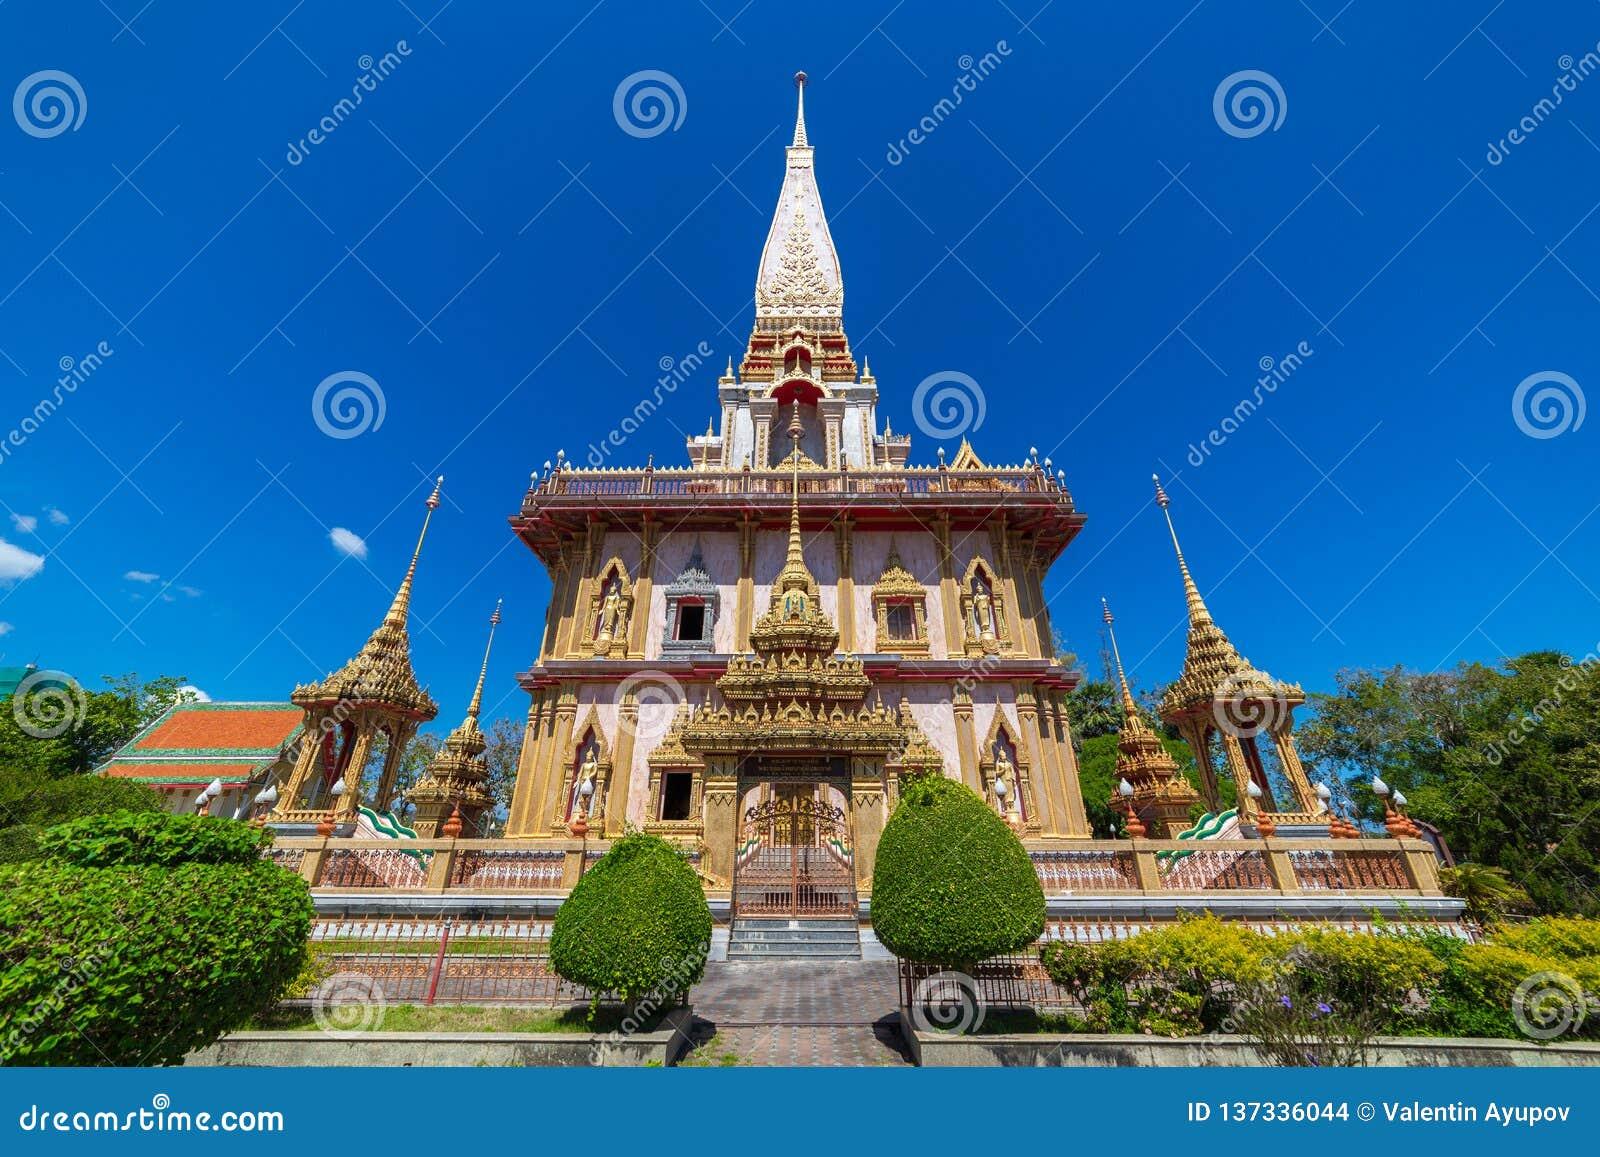 O templo de Wat Chalong Buddhist em Chalong, Phuket, Tailândia